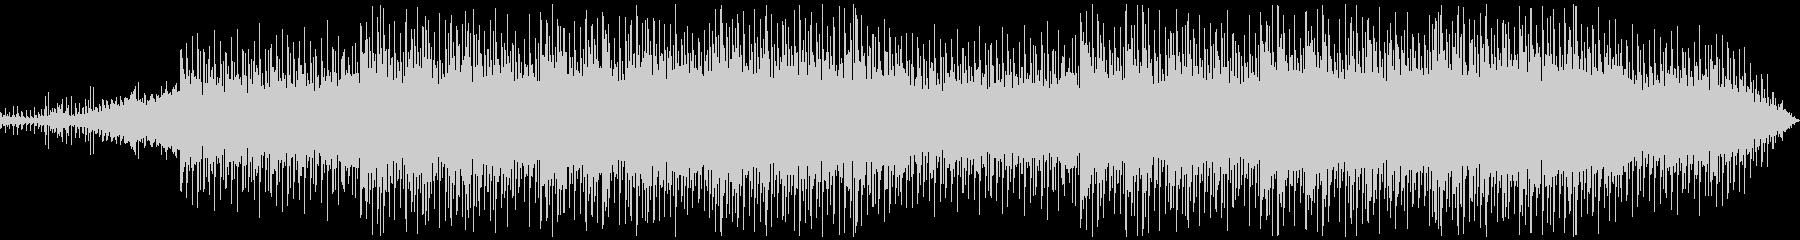 イントロから15秒で激しく始まるBGMの未再生の波形